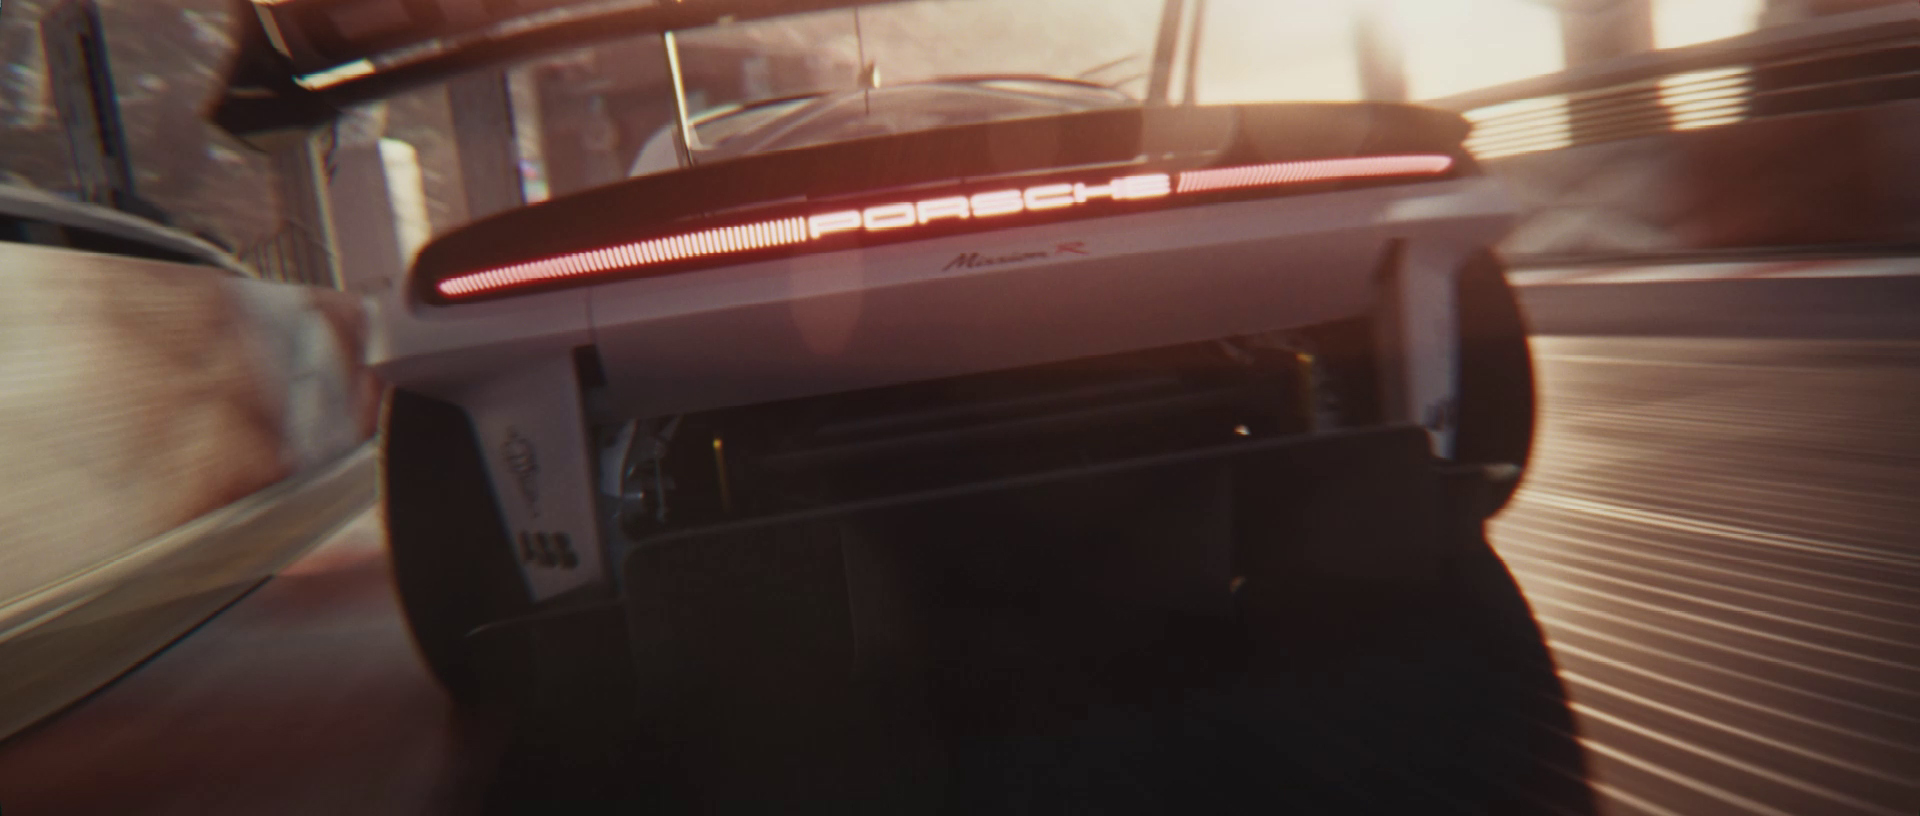 Porsche_mission_R__0001_Layer 32